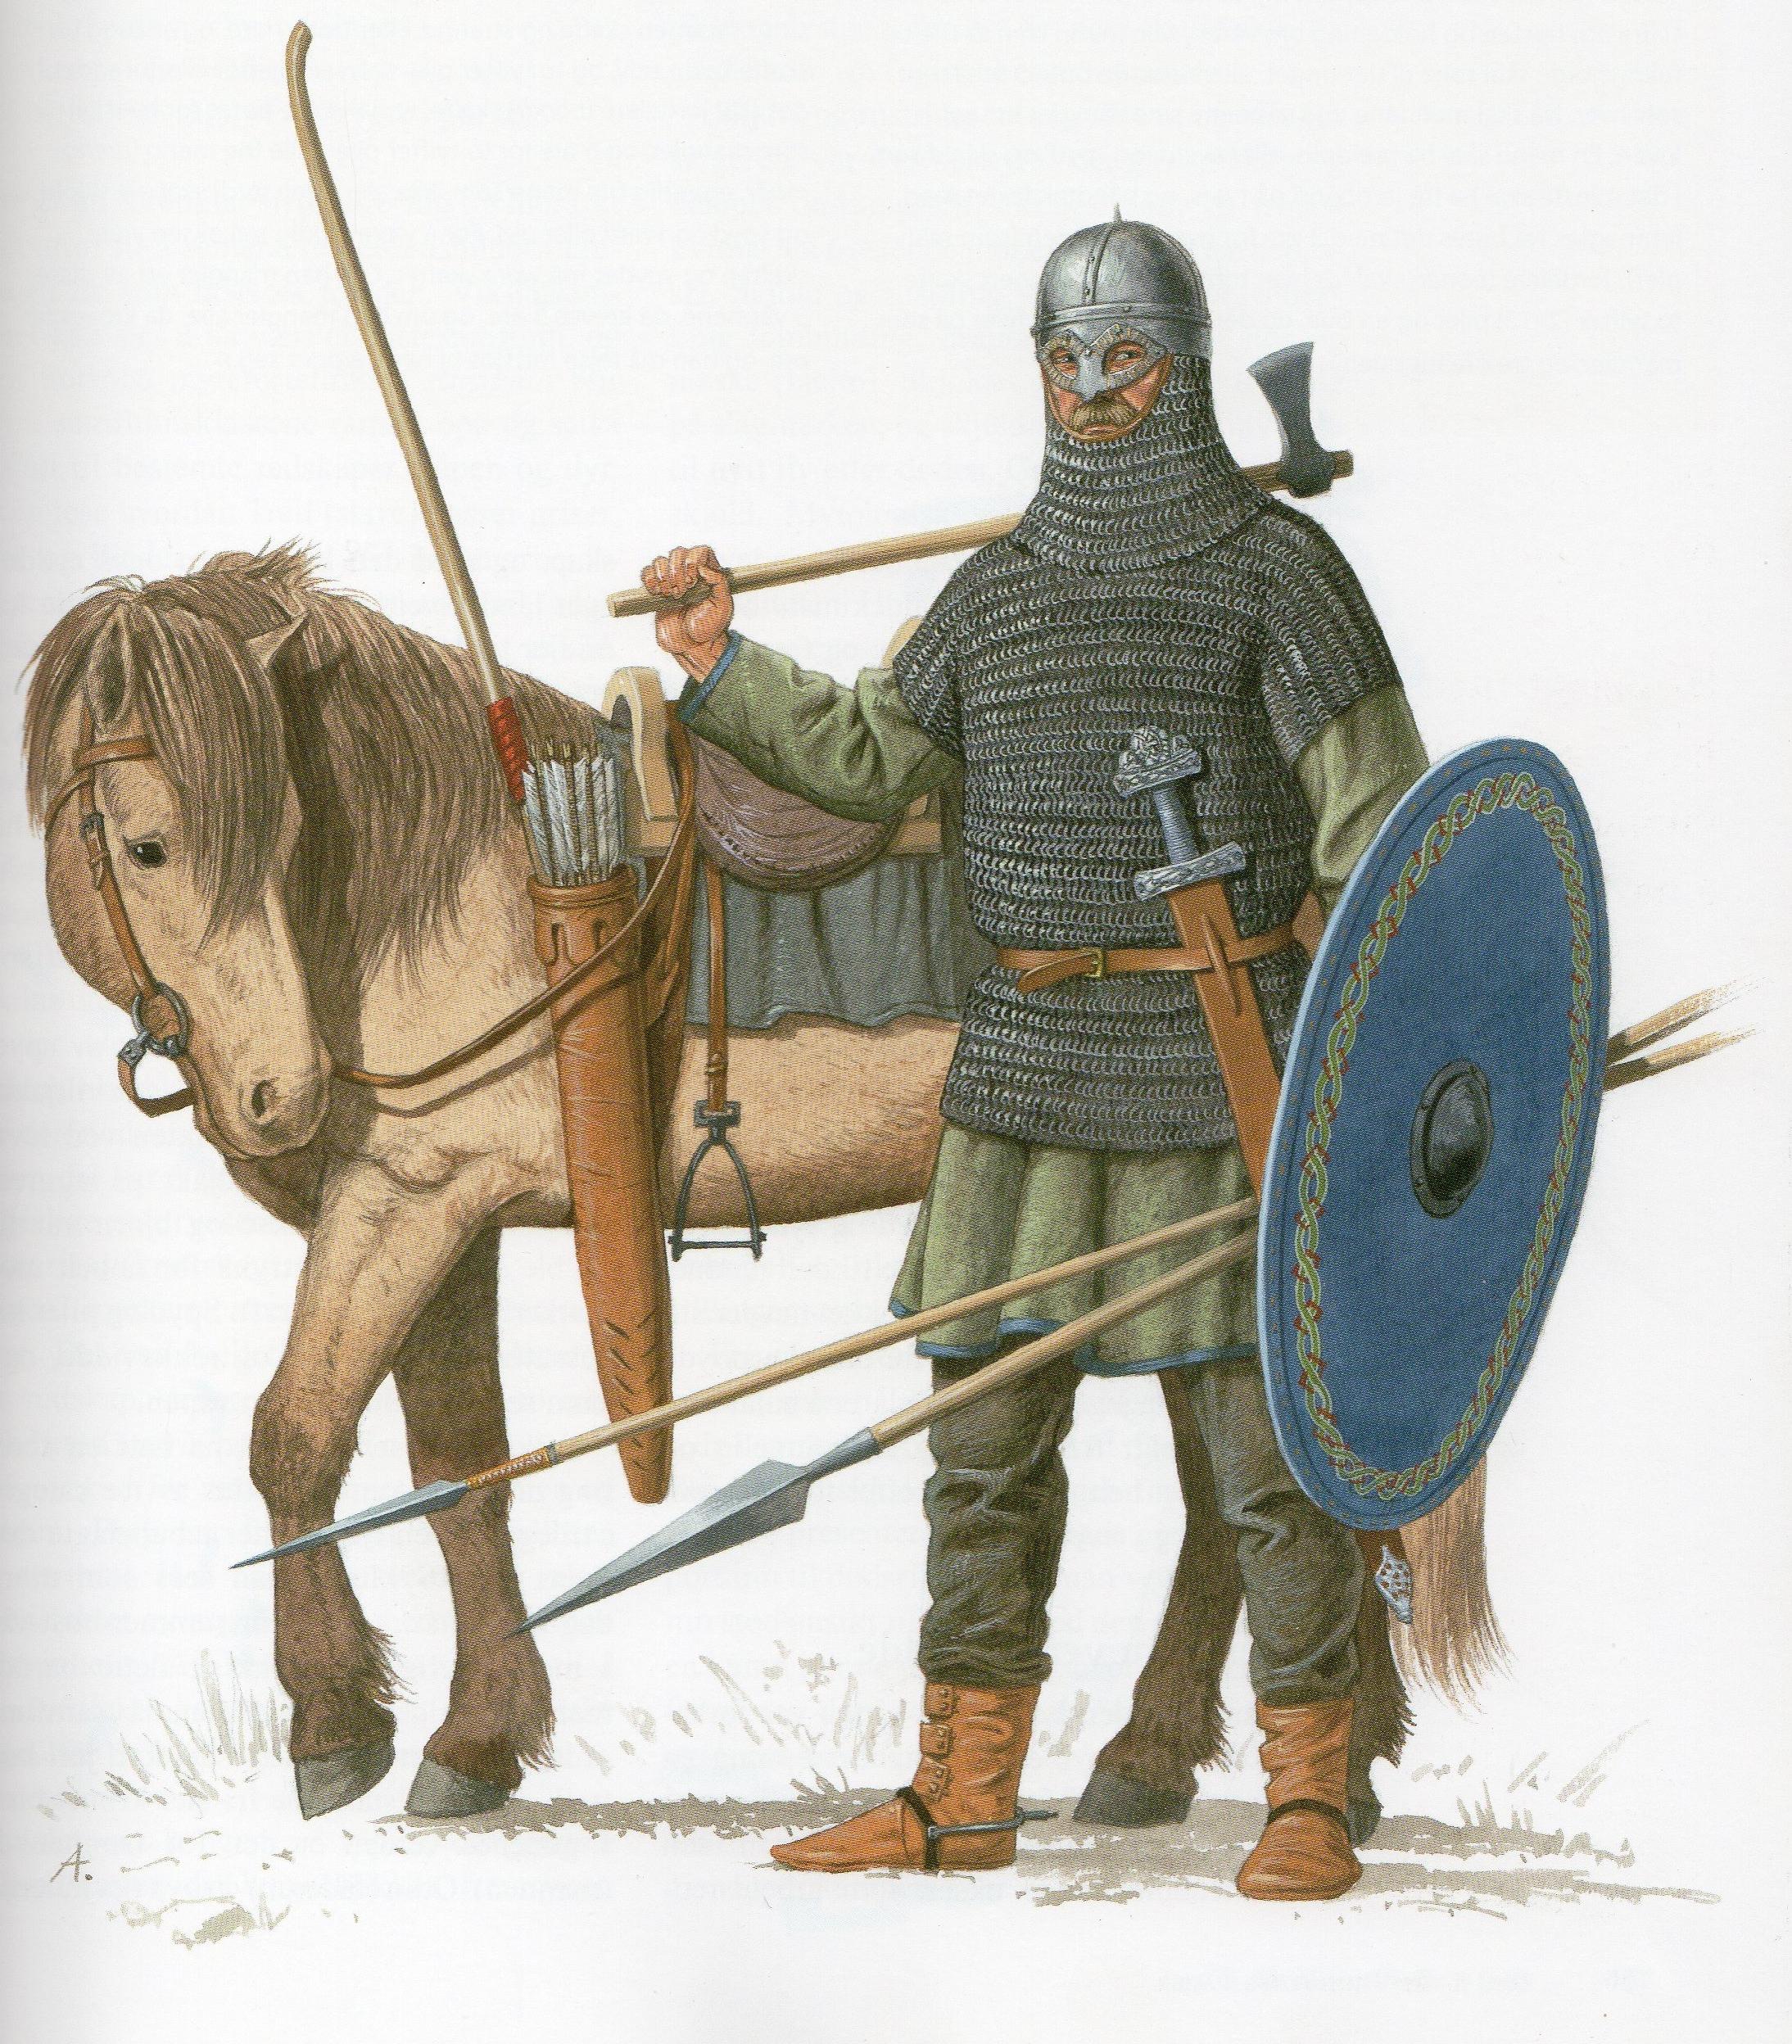 Předpokládaná rekonstrukce bojovníka uloženého v Gjermundbu, 10. století. Podle